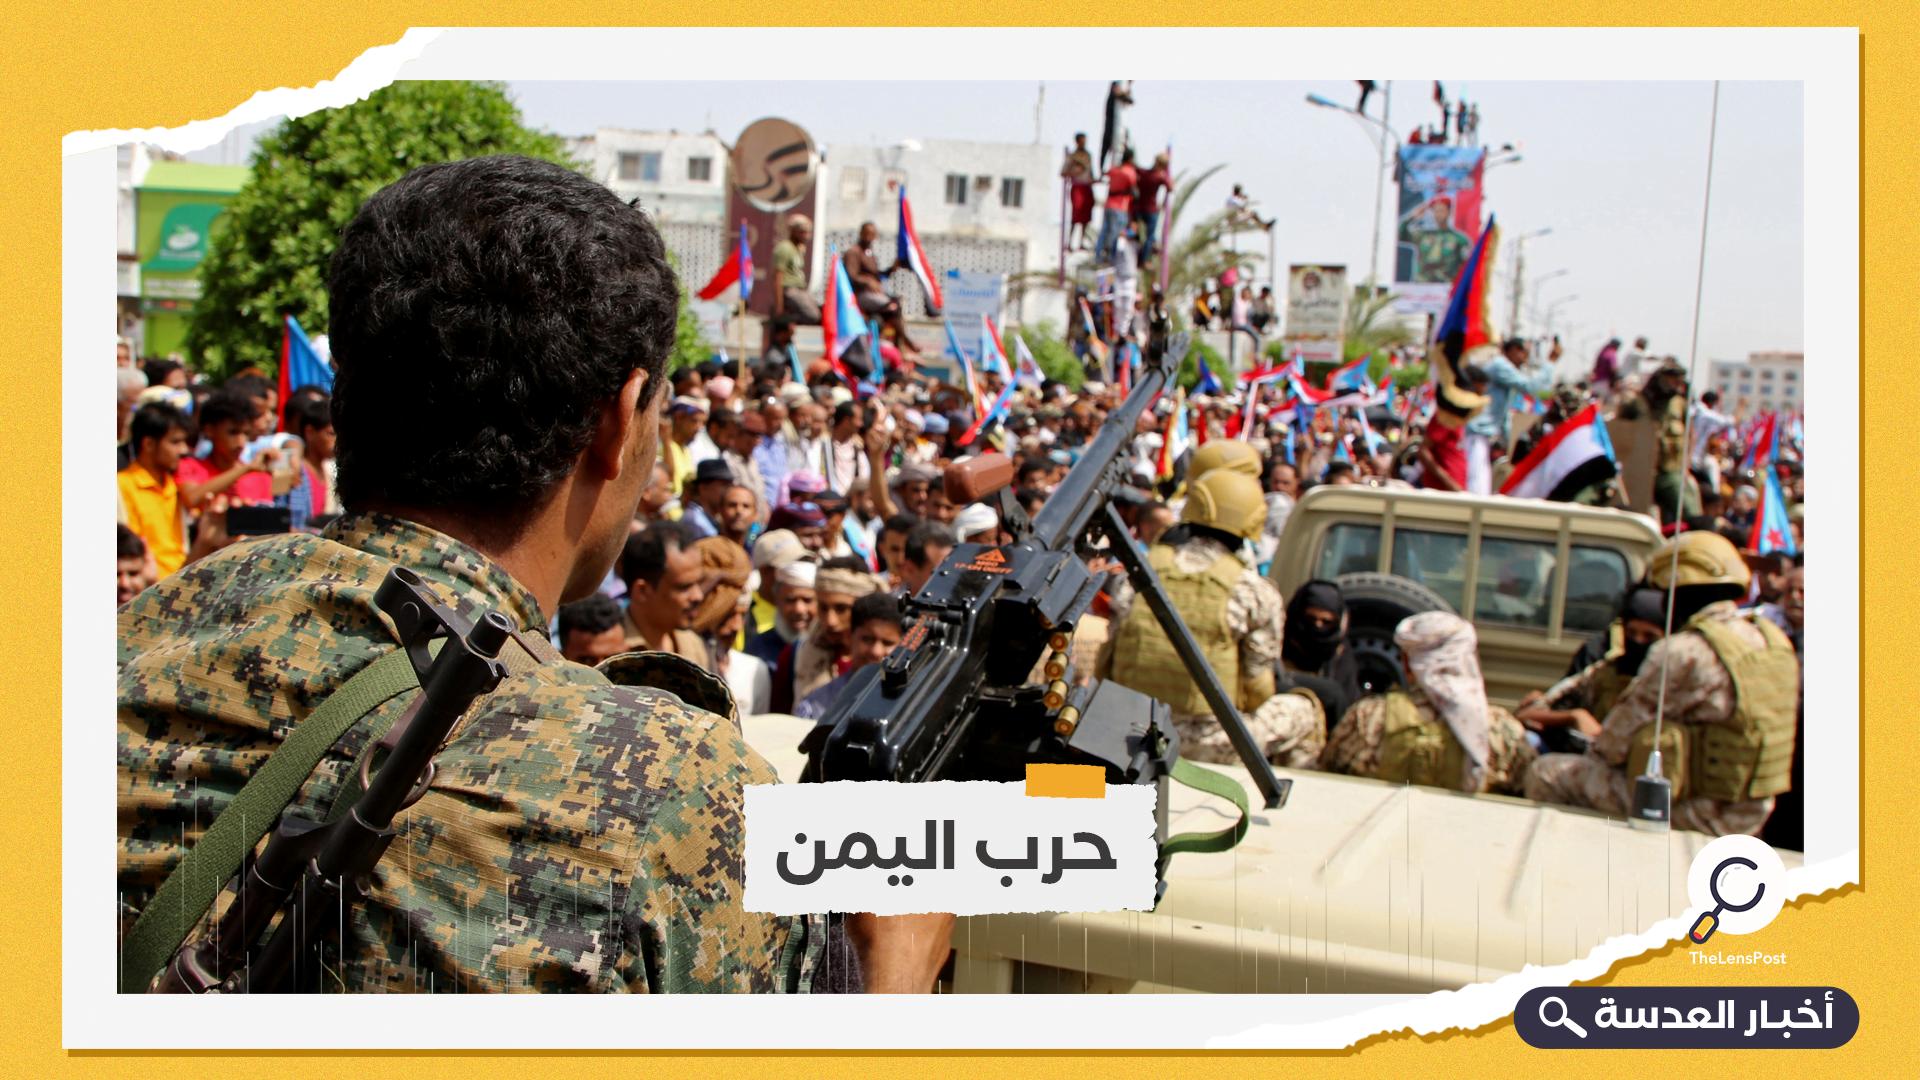 الحكومة اليمنية تشكك في نوايا الحوثيين حول السلام في اليمن